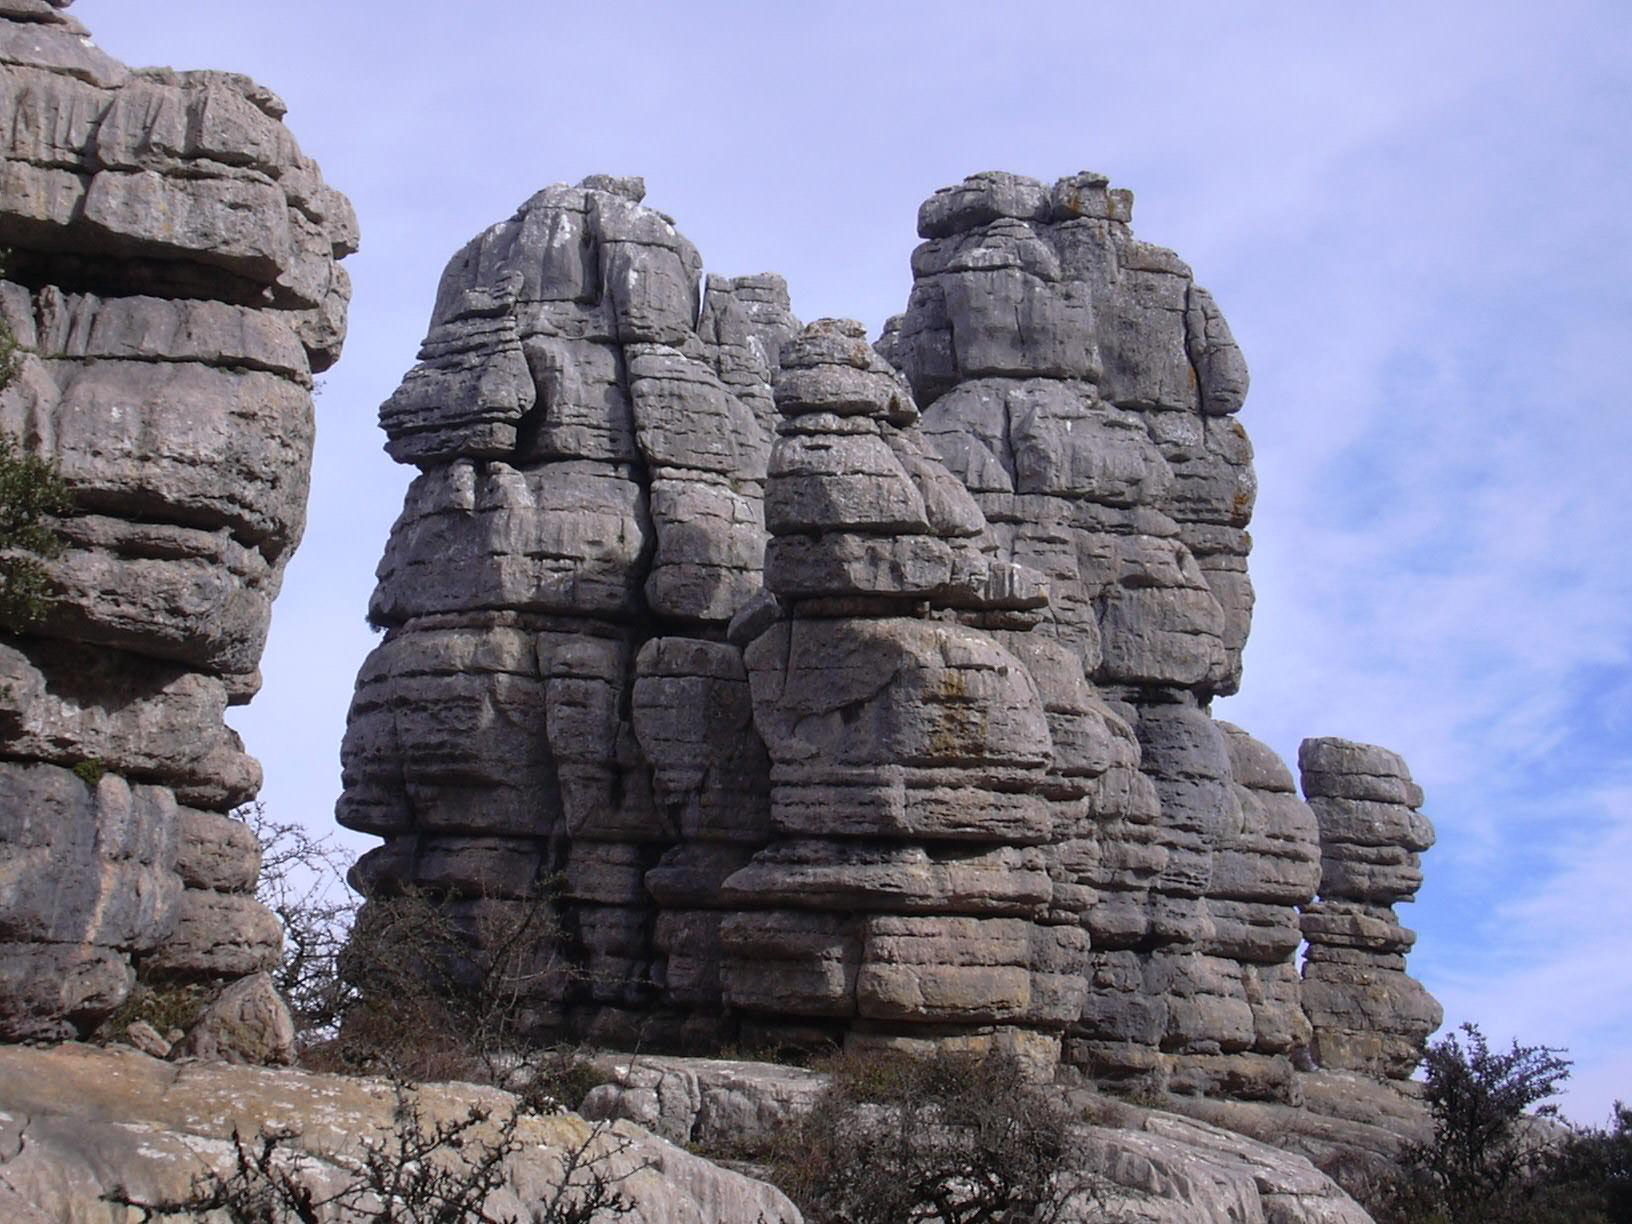 El Torcal rocks overview 15